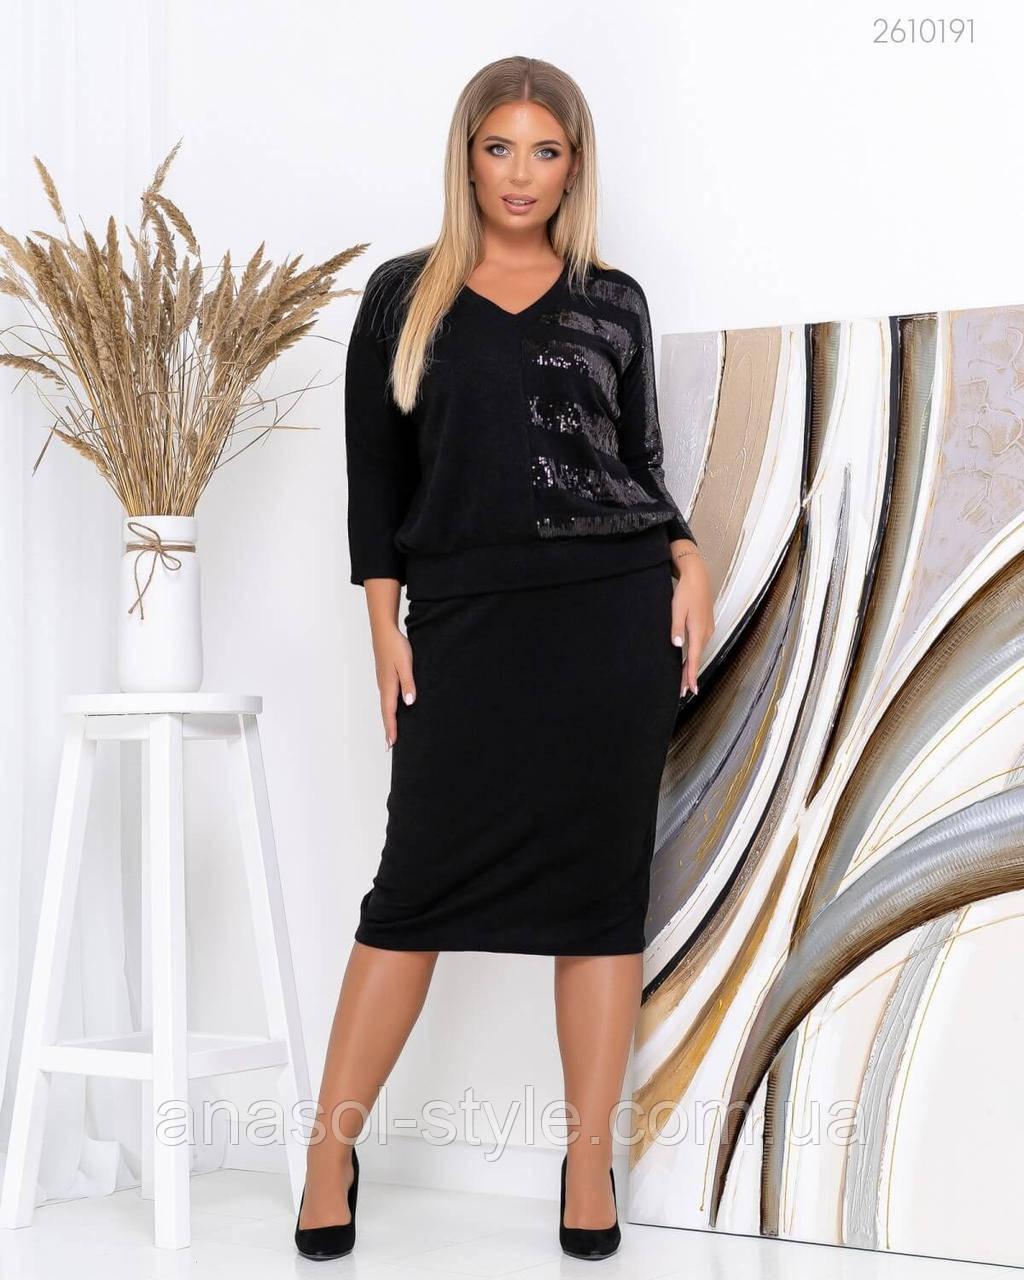 Женский костюм с юбкой Эфес больших размеров теплый чёрный